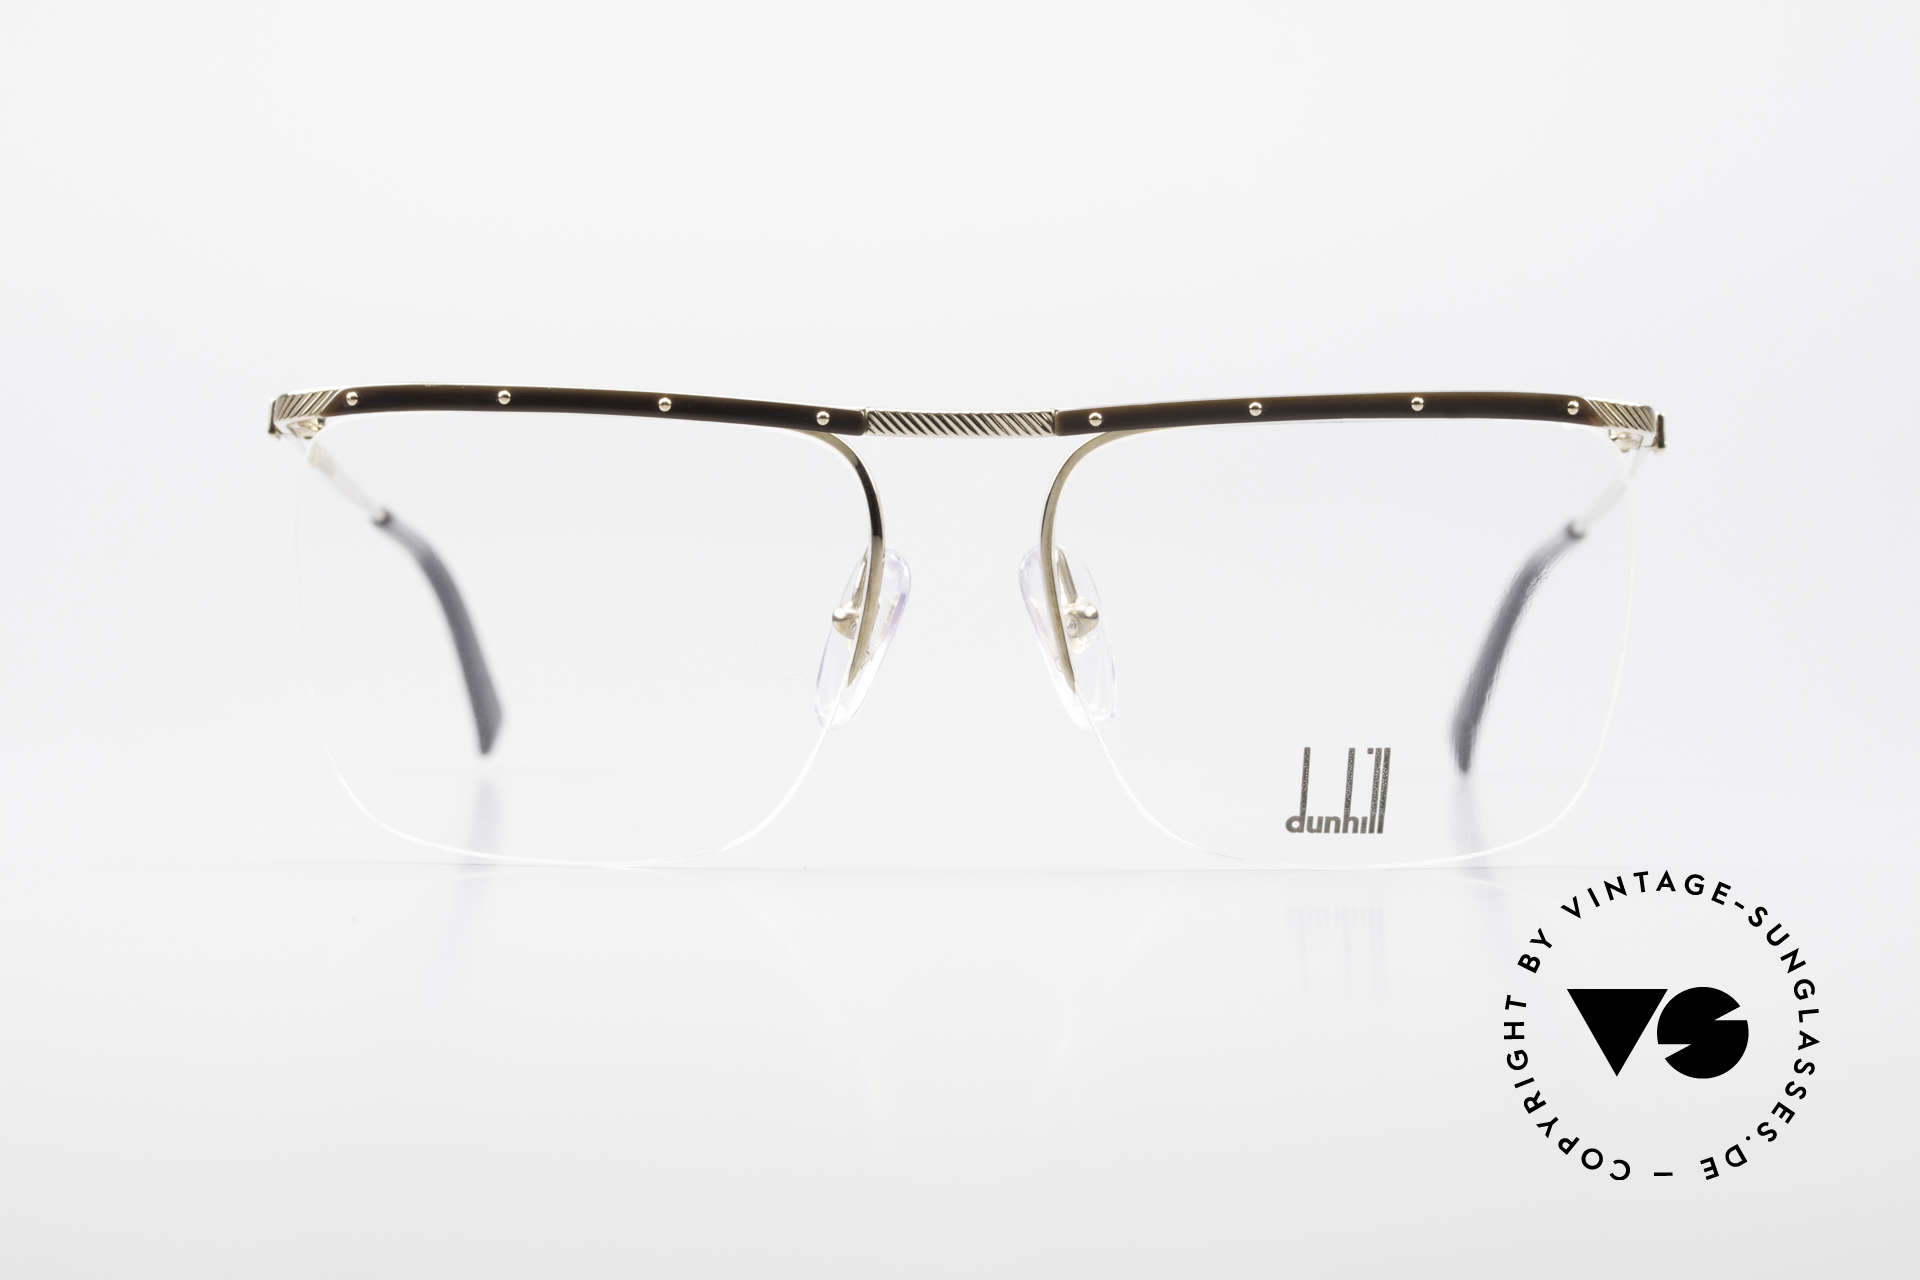 Dunhill 6056 Alte Horn Brille 80er Vintage, vergoldeter Rahmen mit Echt-Horn Elementen, Passend für Herren